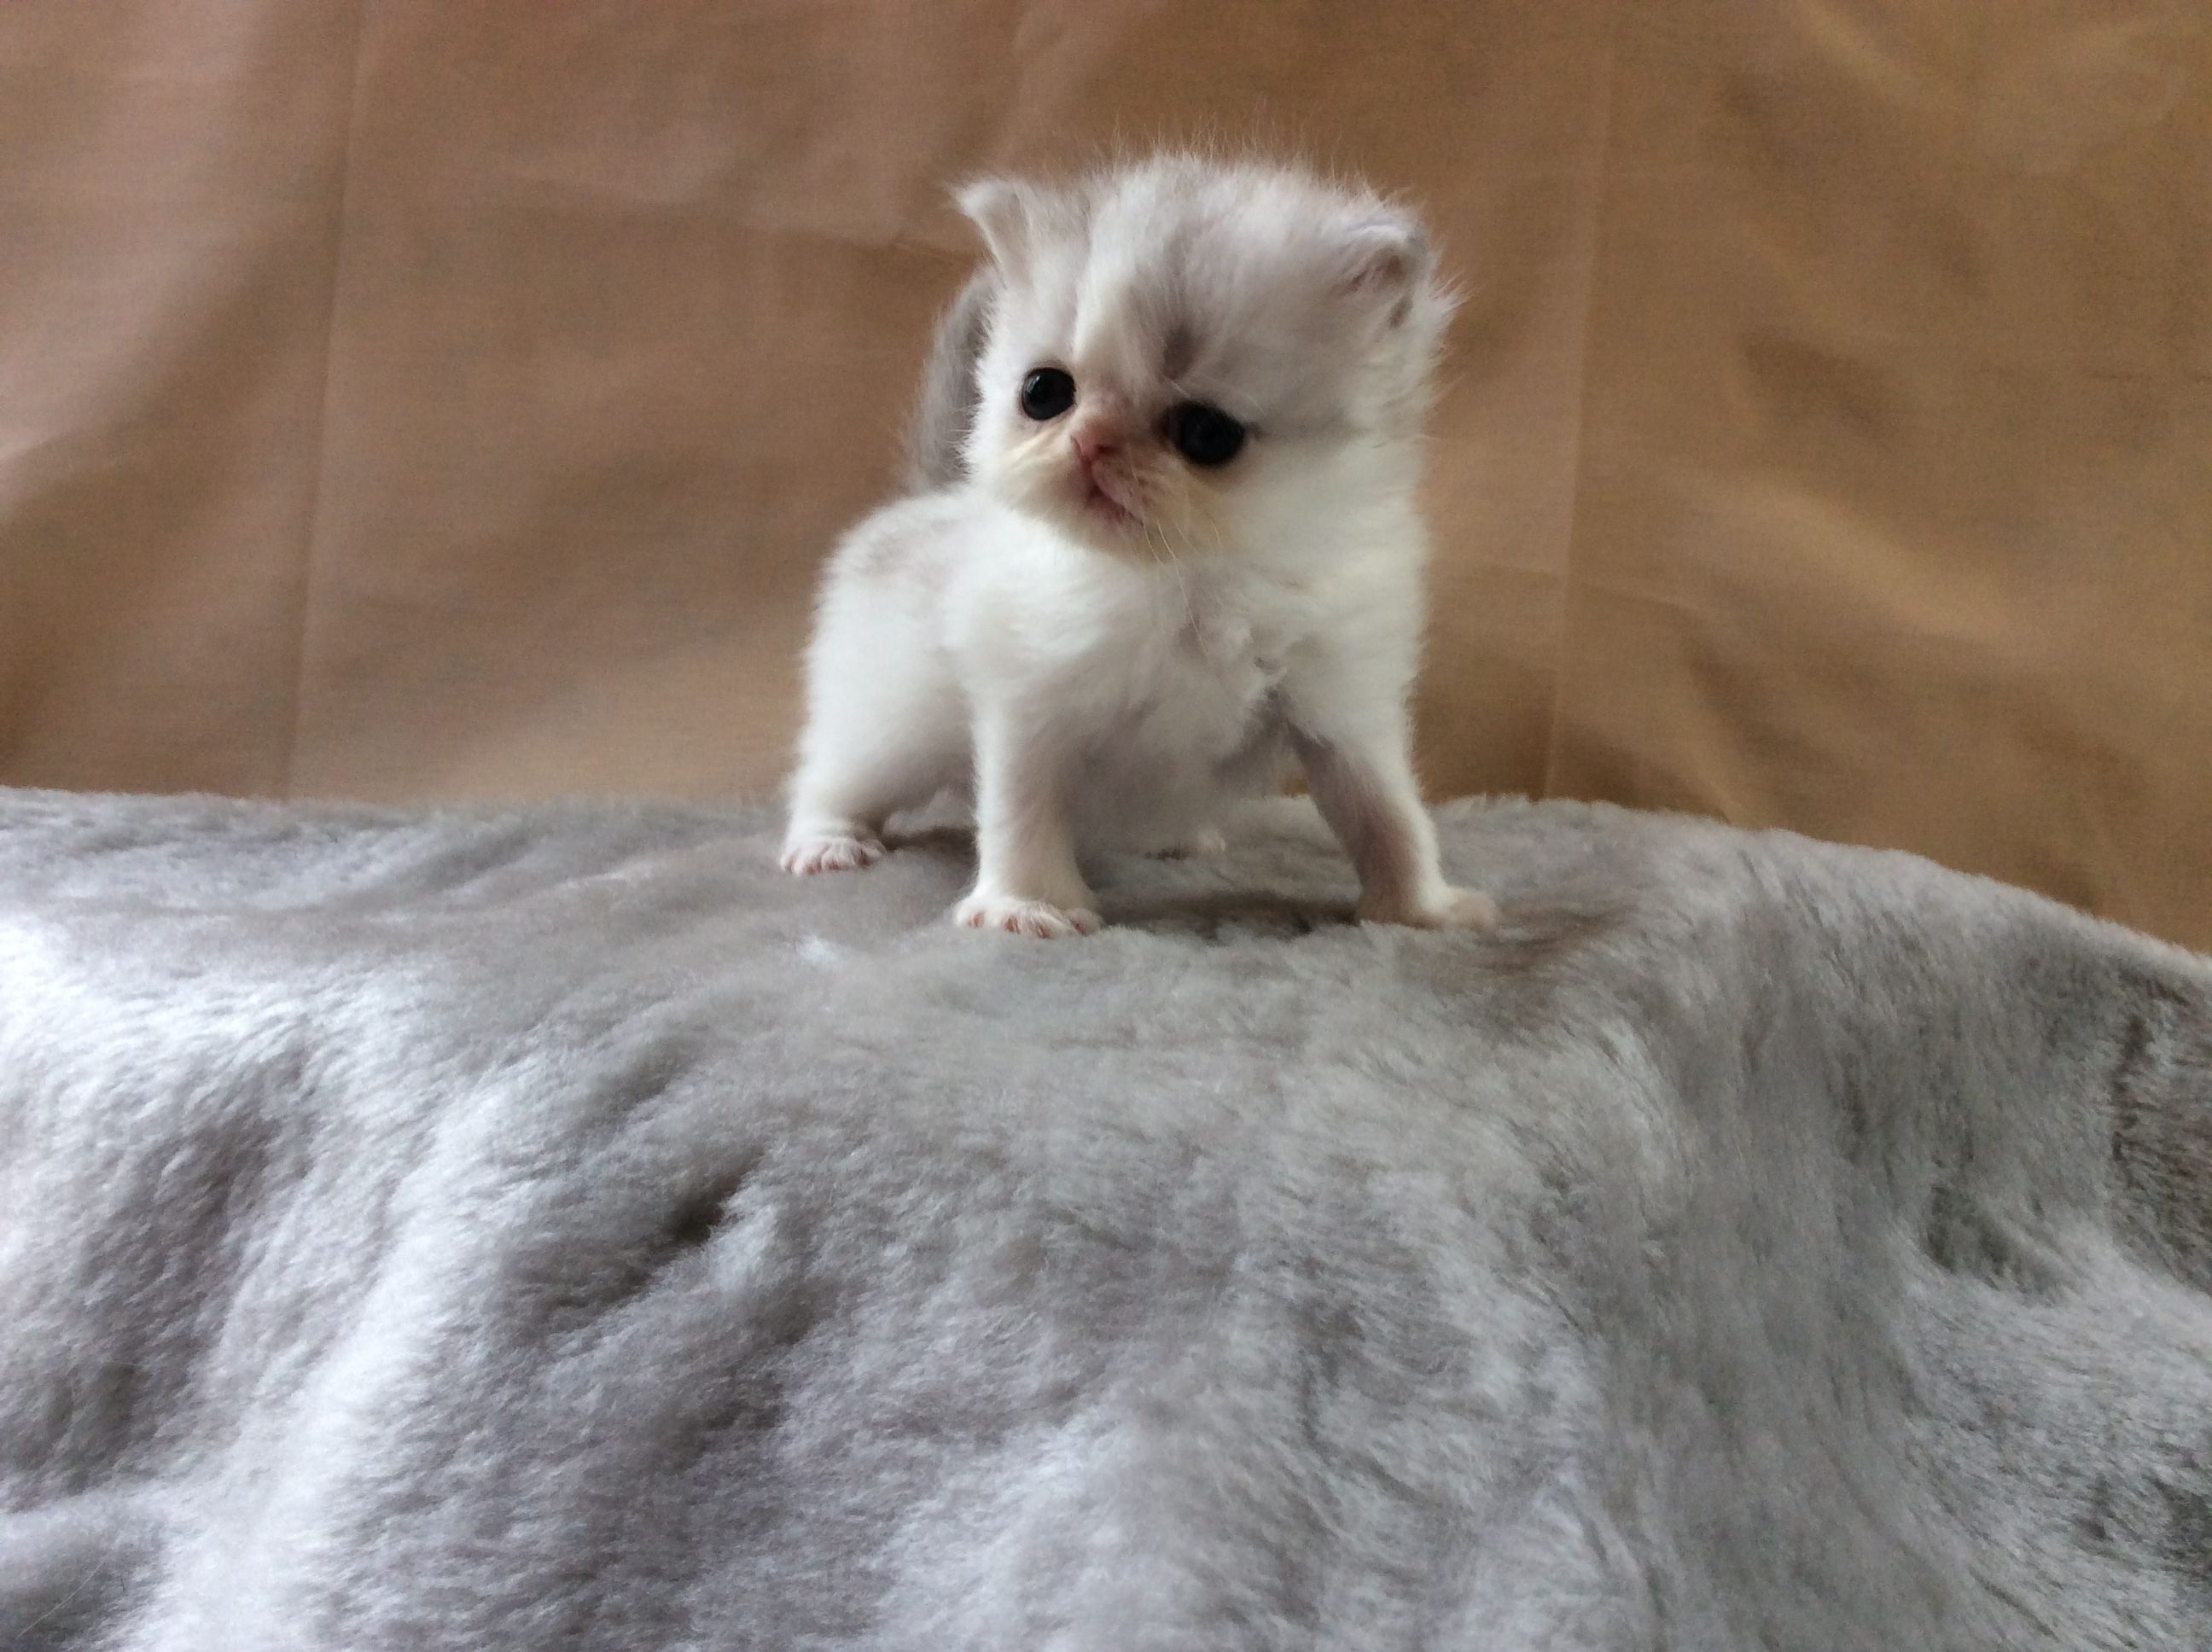 Macaron a non standard silver Lynx van Napoleon Minuet kitten for